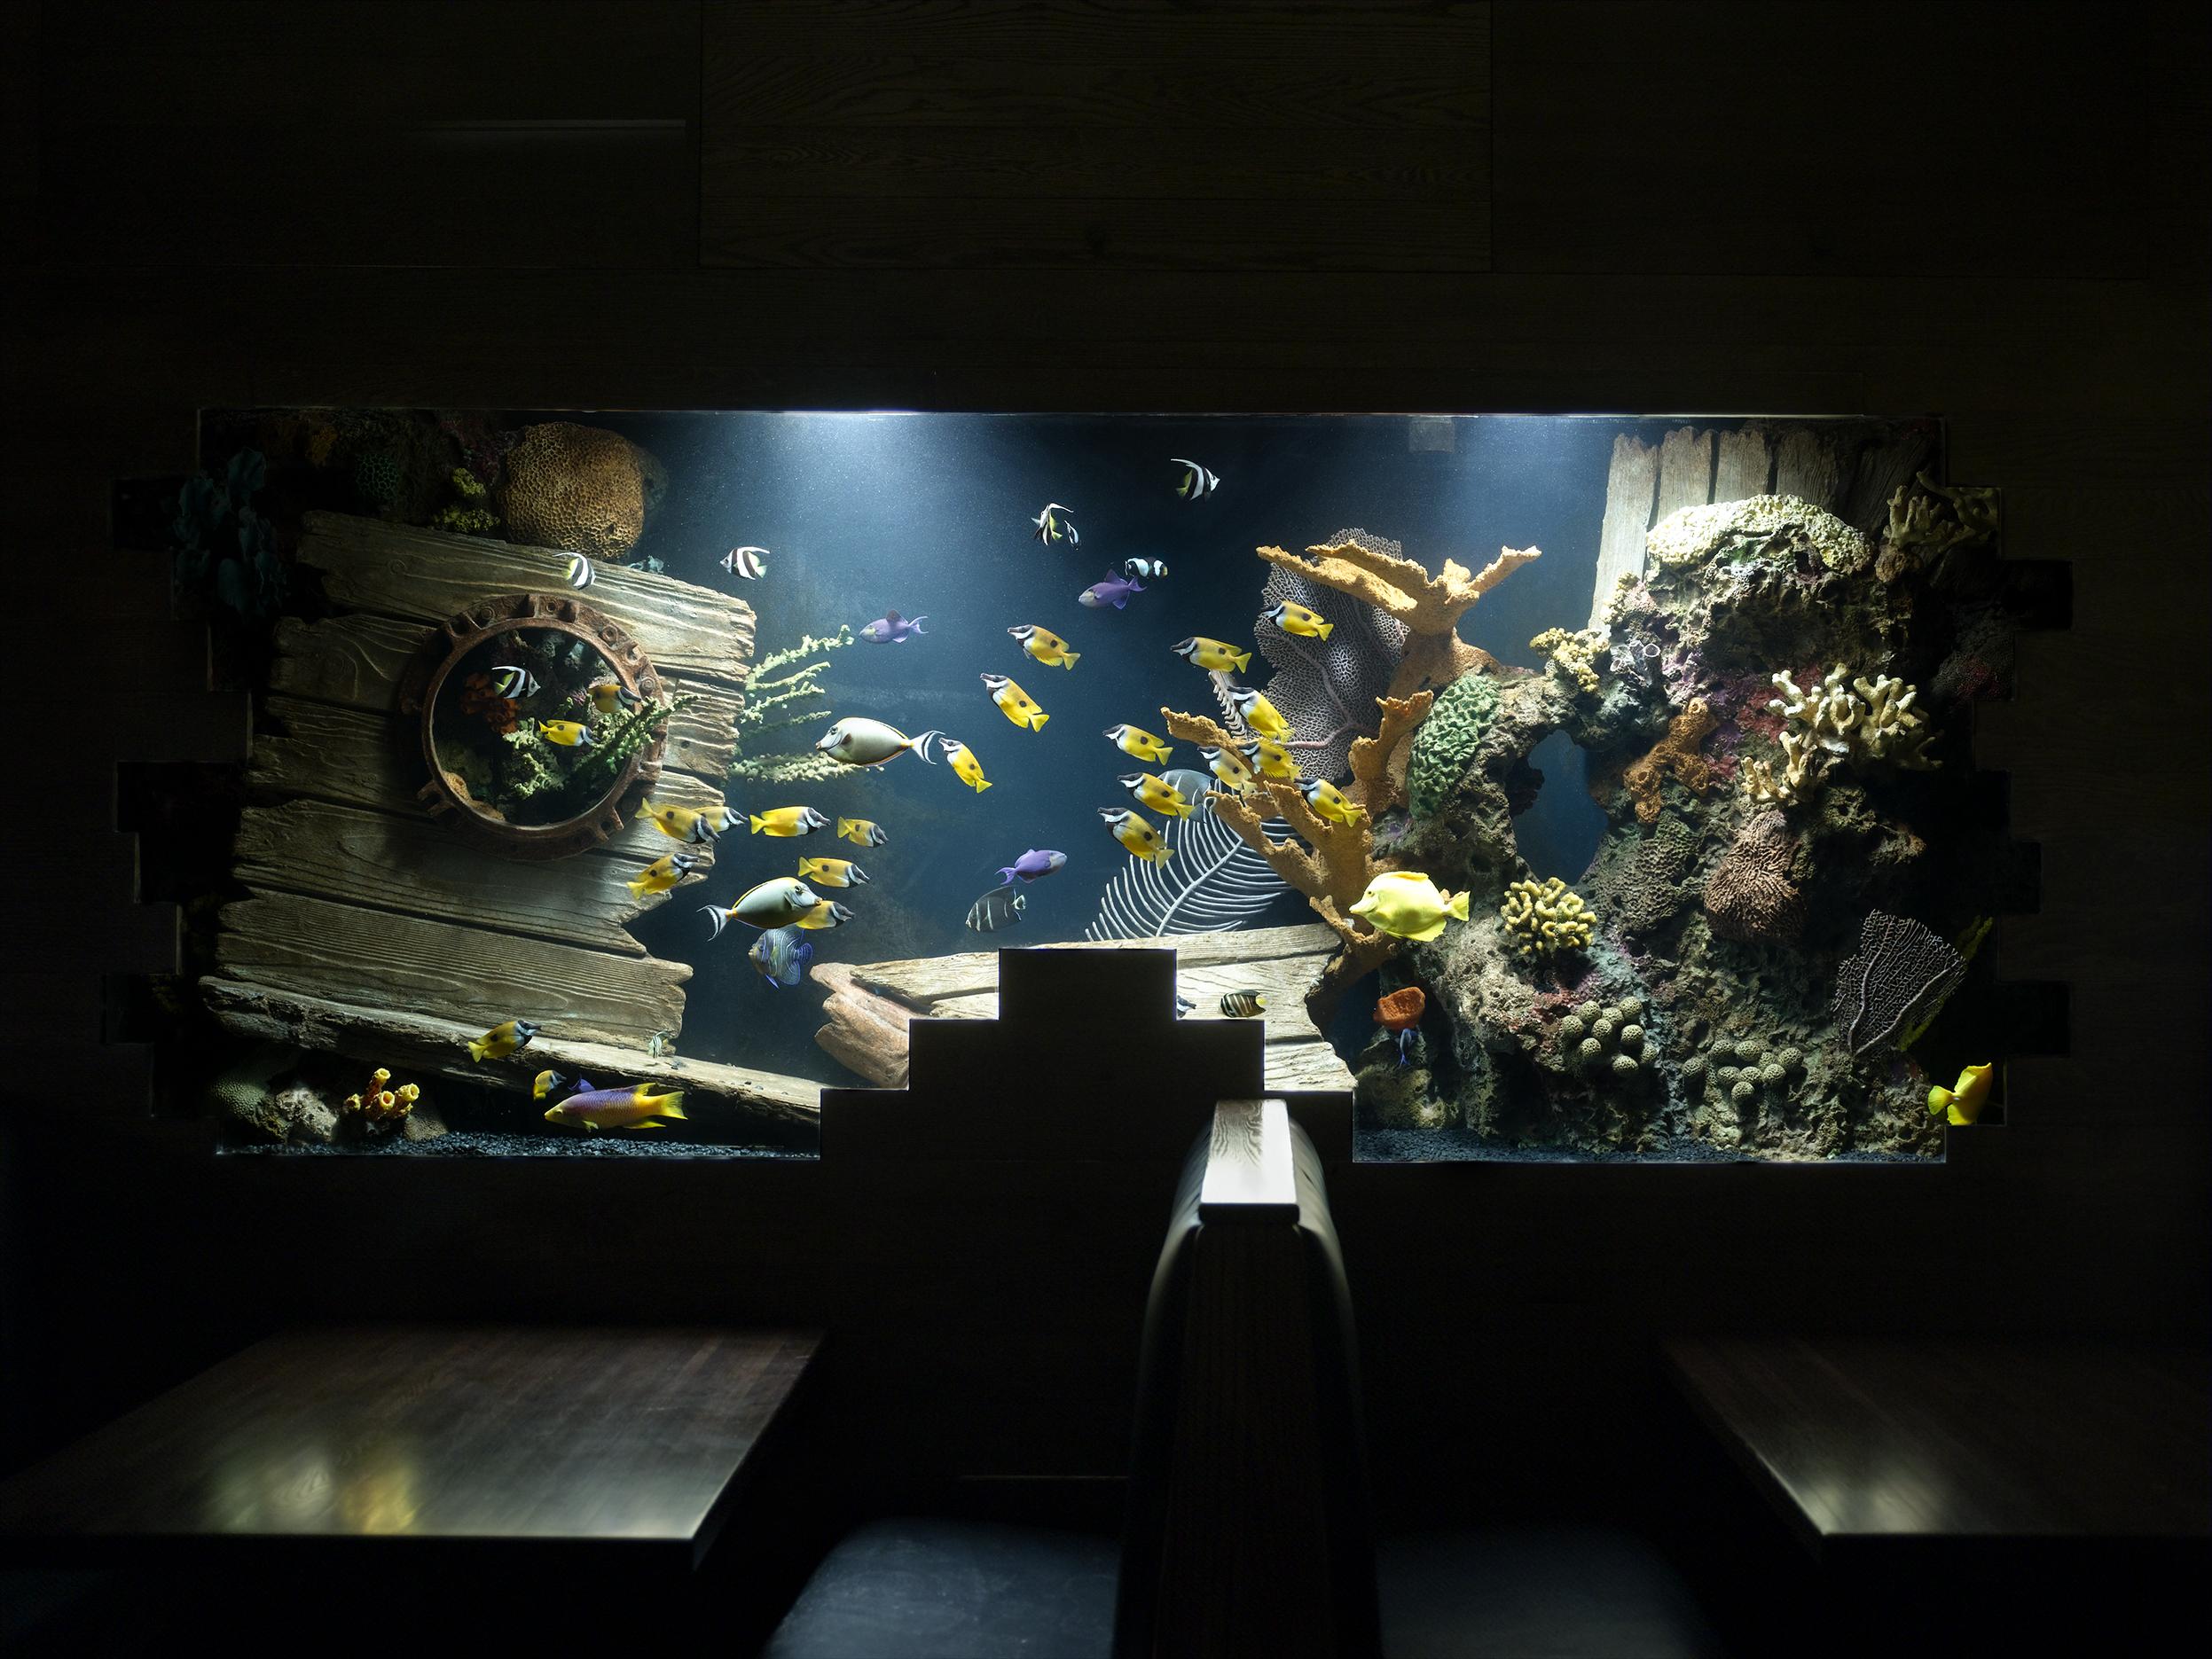 Eel reef 2a